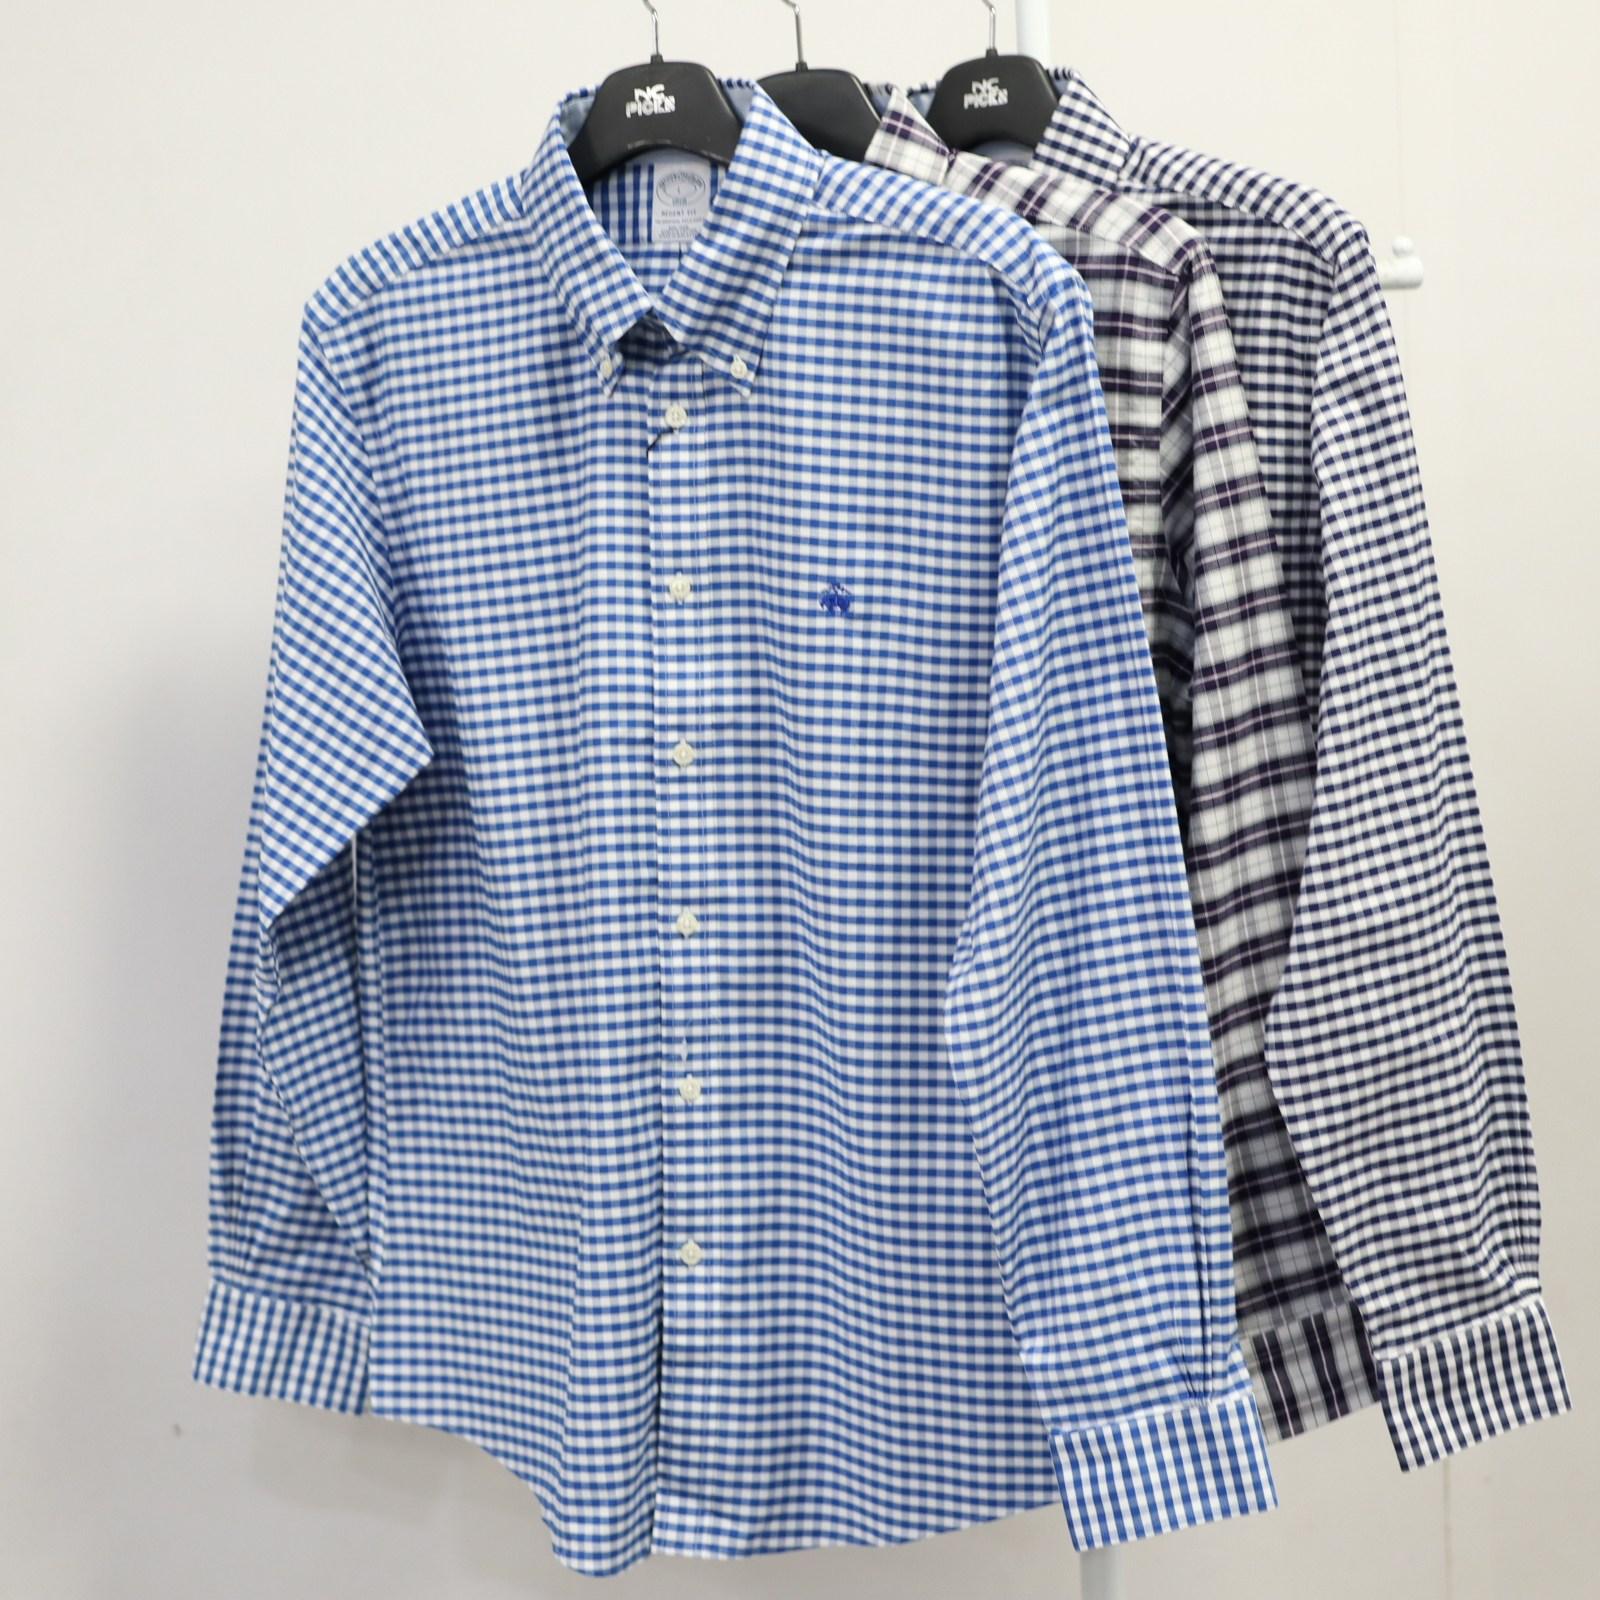 브룩스브라더스 체크 셔츠